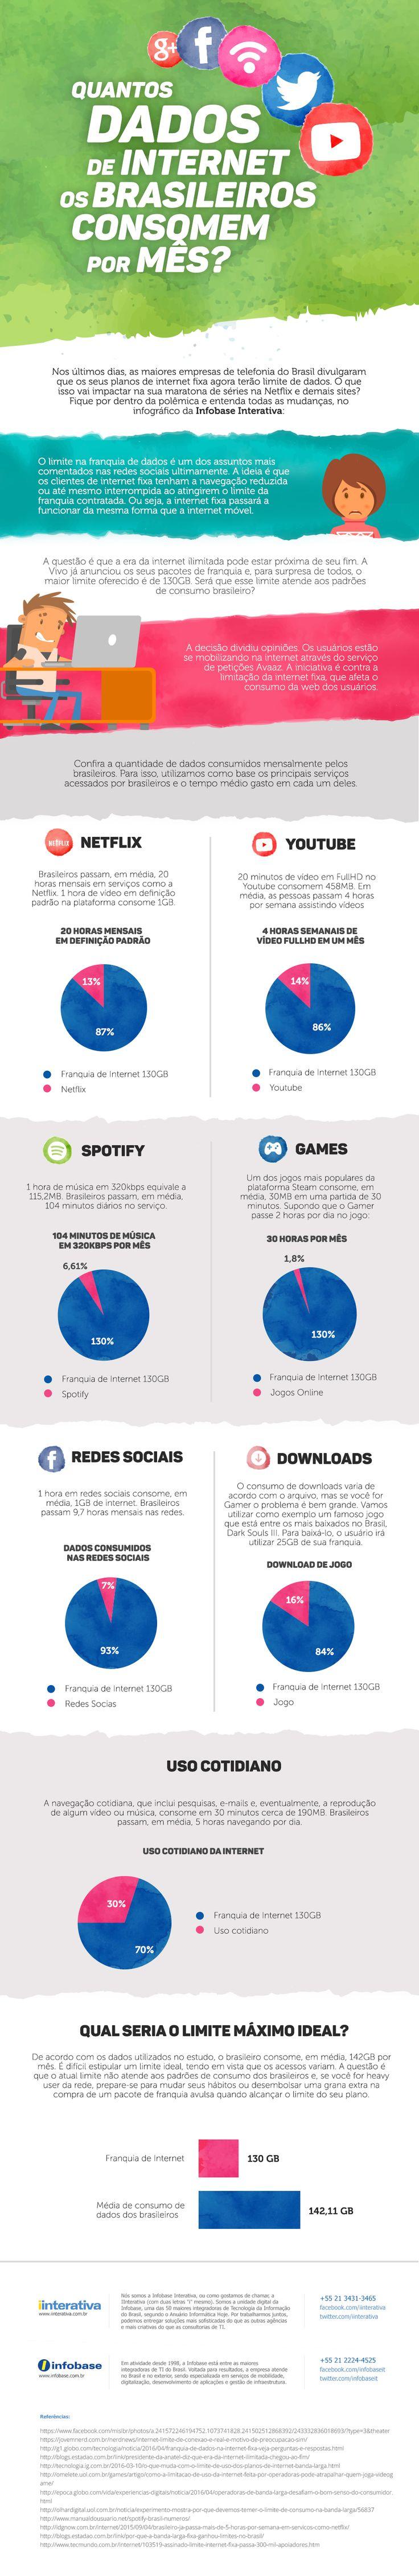 Infográfico - Quantos dados de internet os brasileiros consomem por mês?